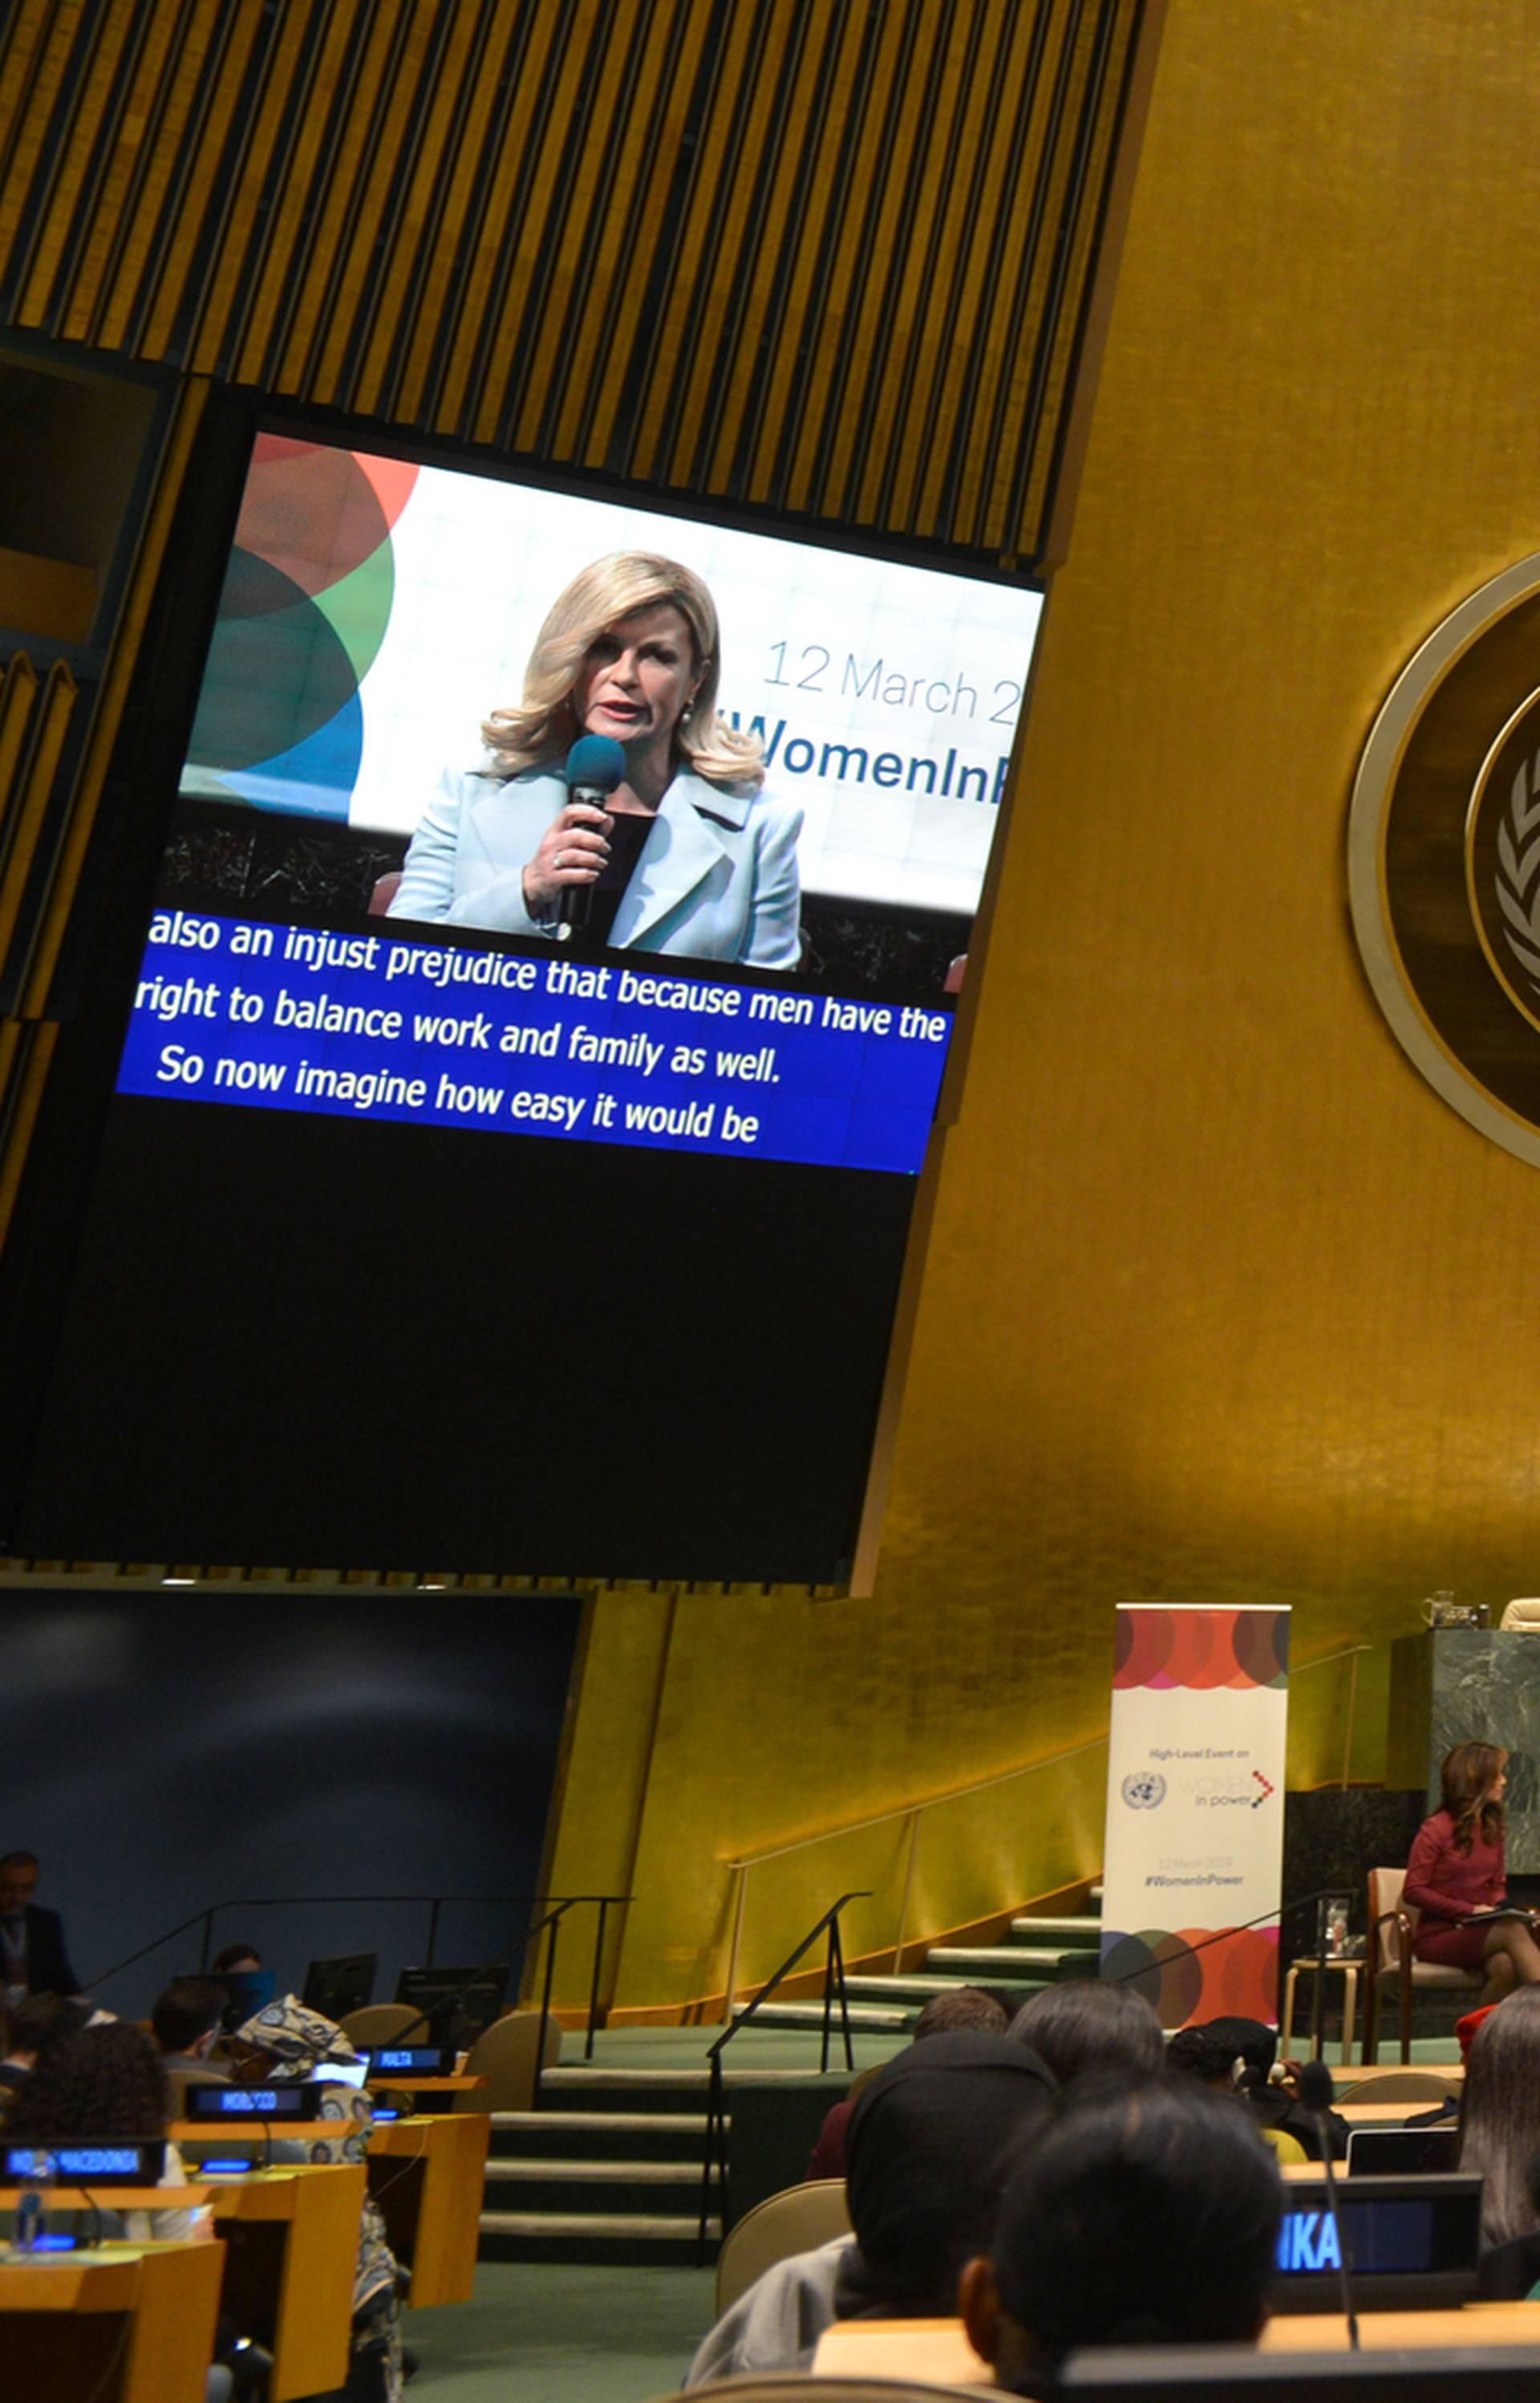 Grabar Kitarović pozvala na osnaženje svih žena u svijetu